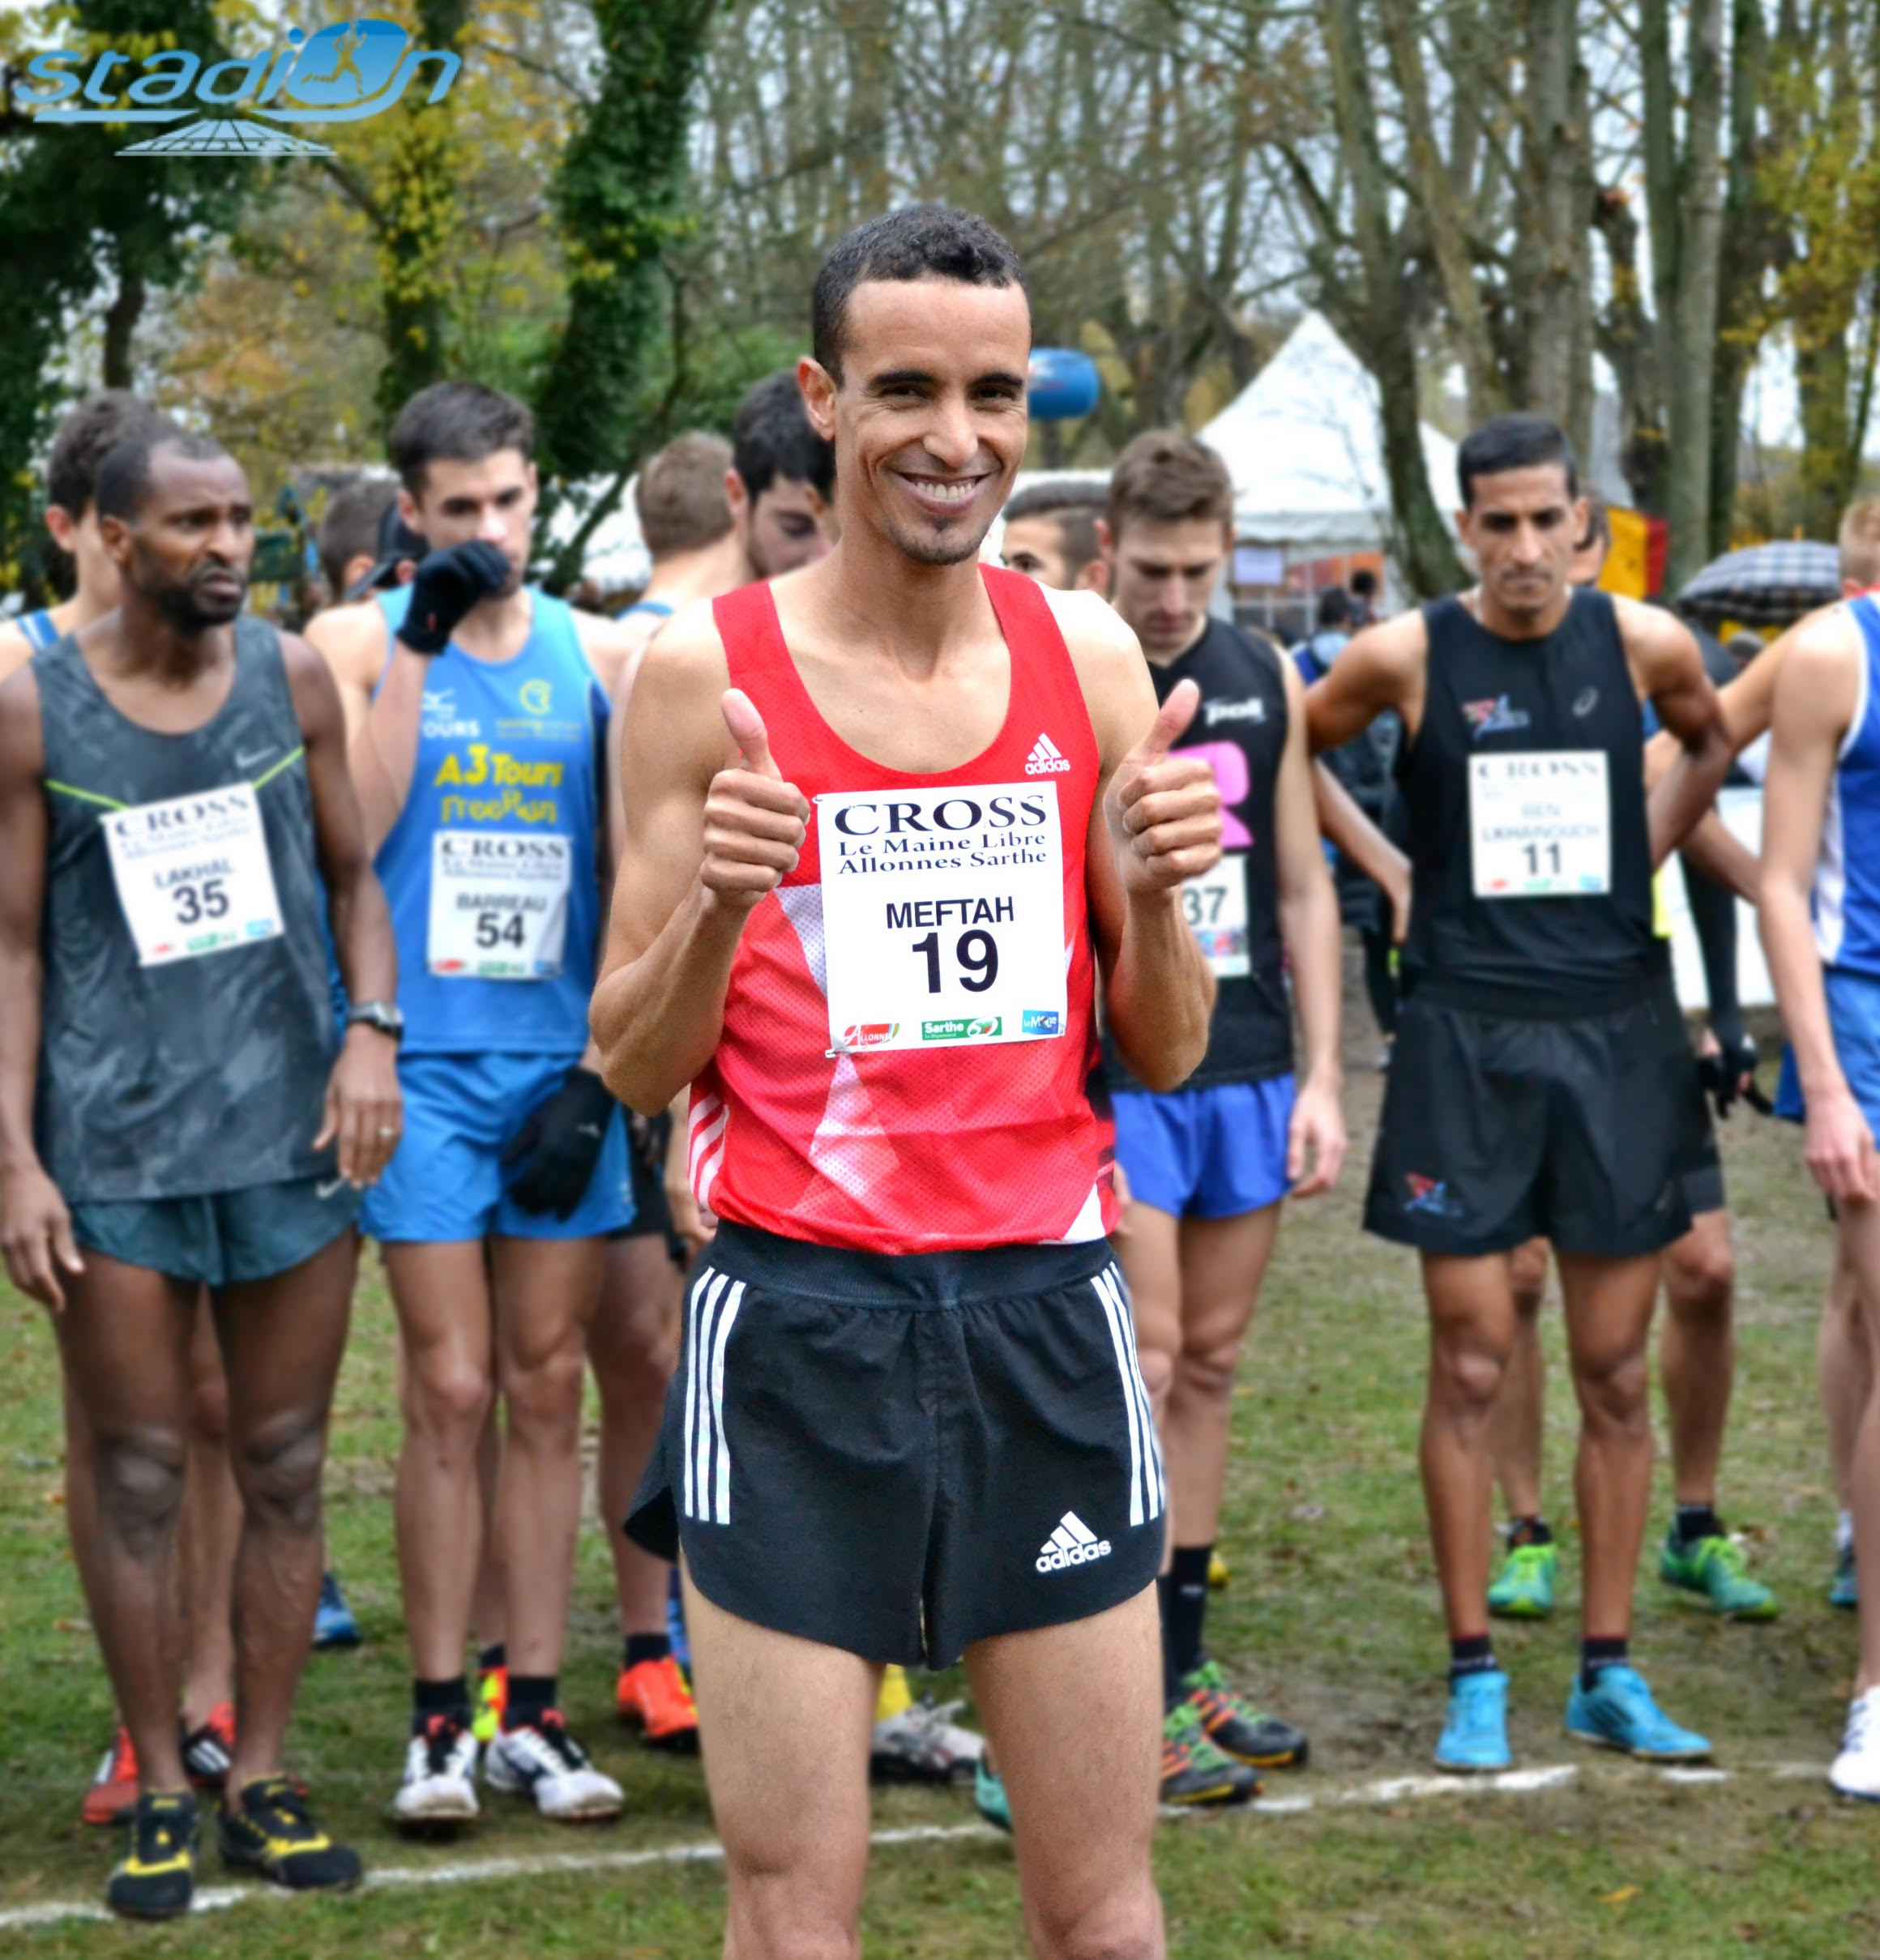 Championnats d'Europe de cross-country : La sélection française pour Chia